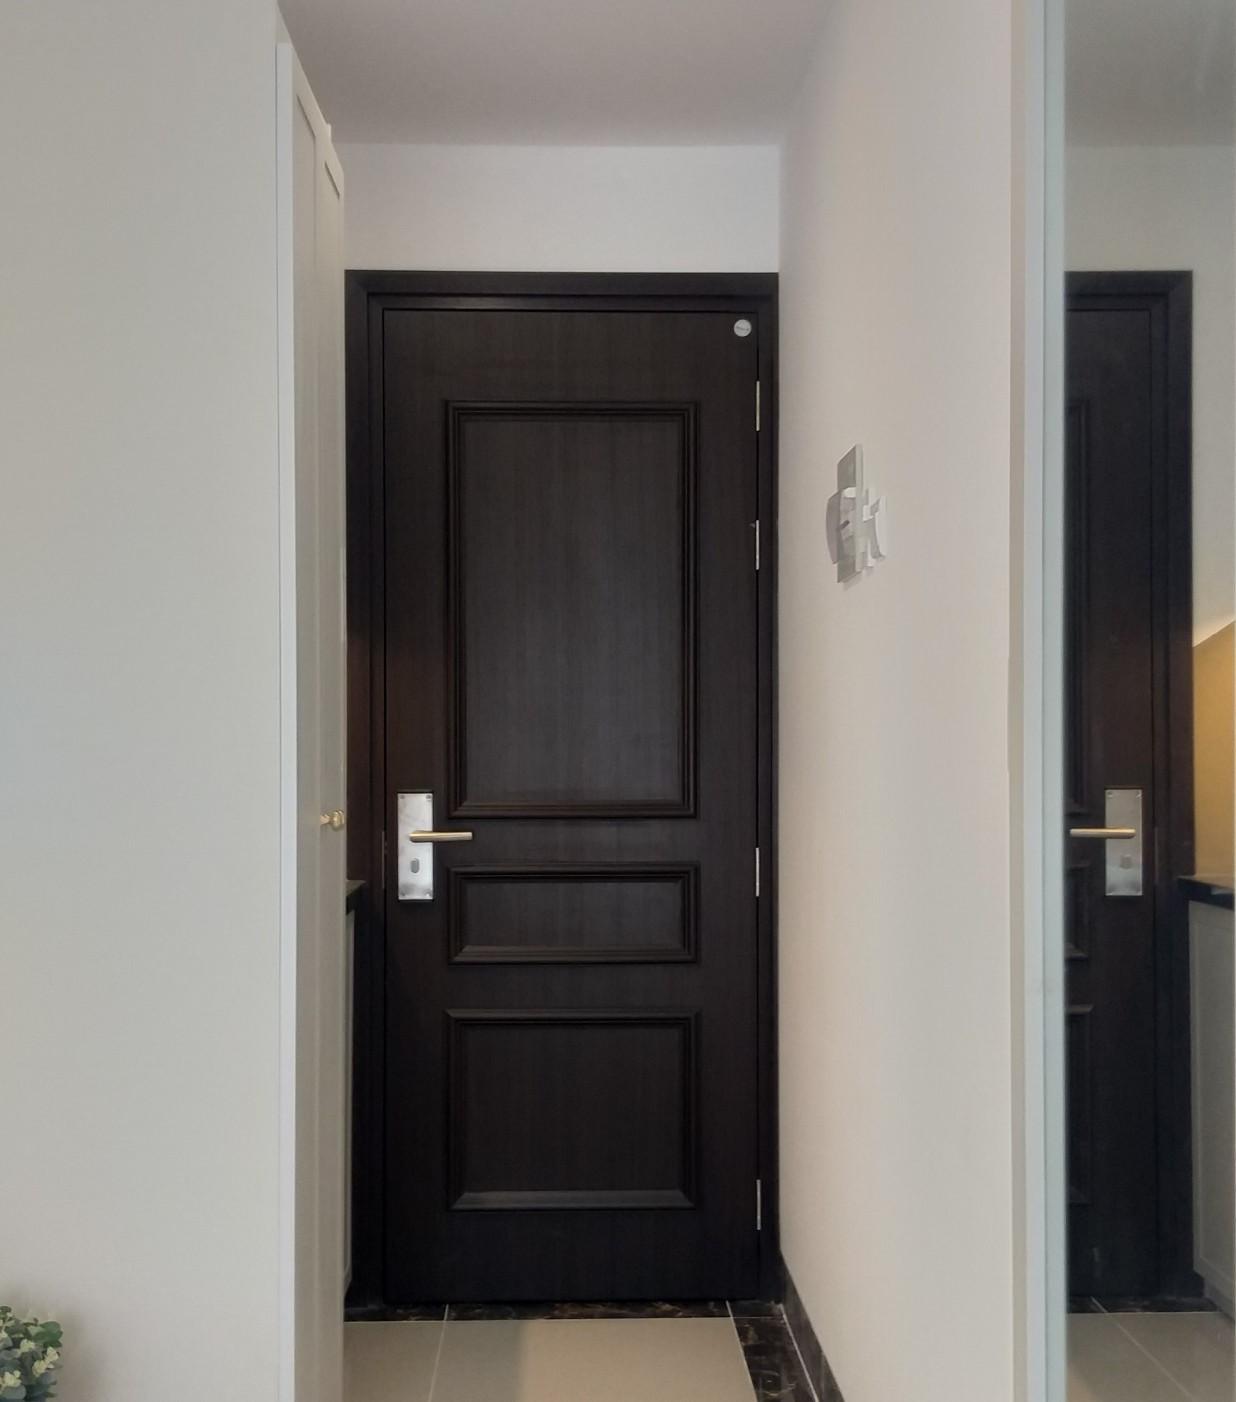 Mẫu cửa nhựa Composite phủ da trang trí chỉ nổi tân cổ điển.